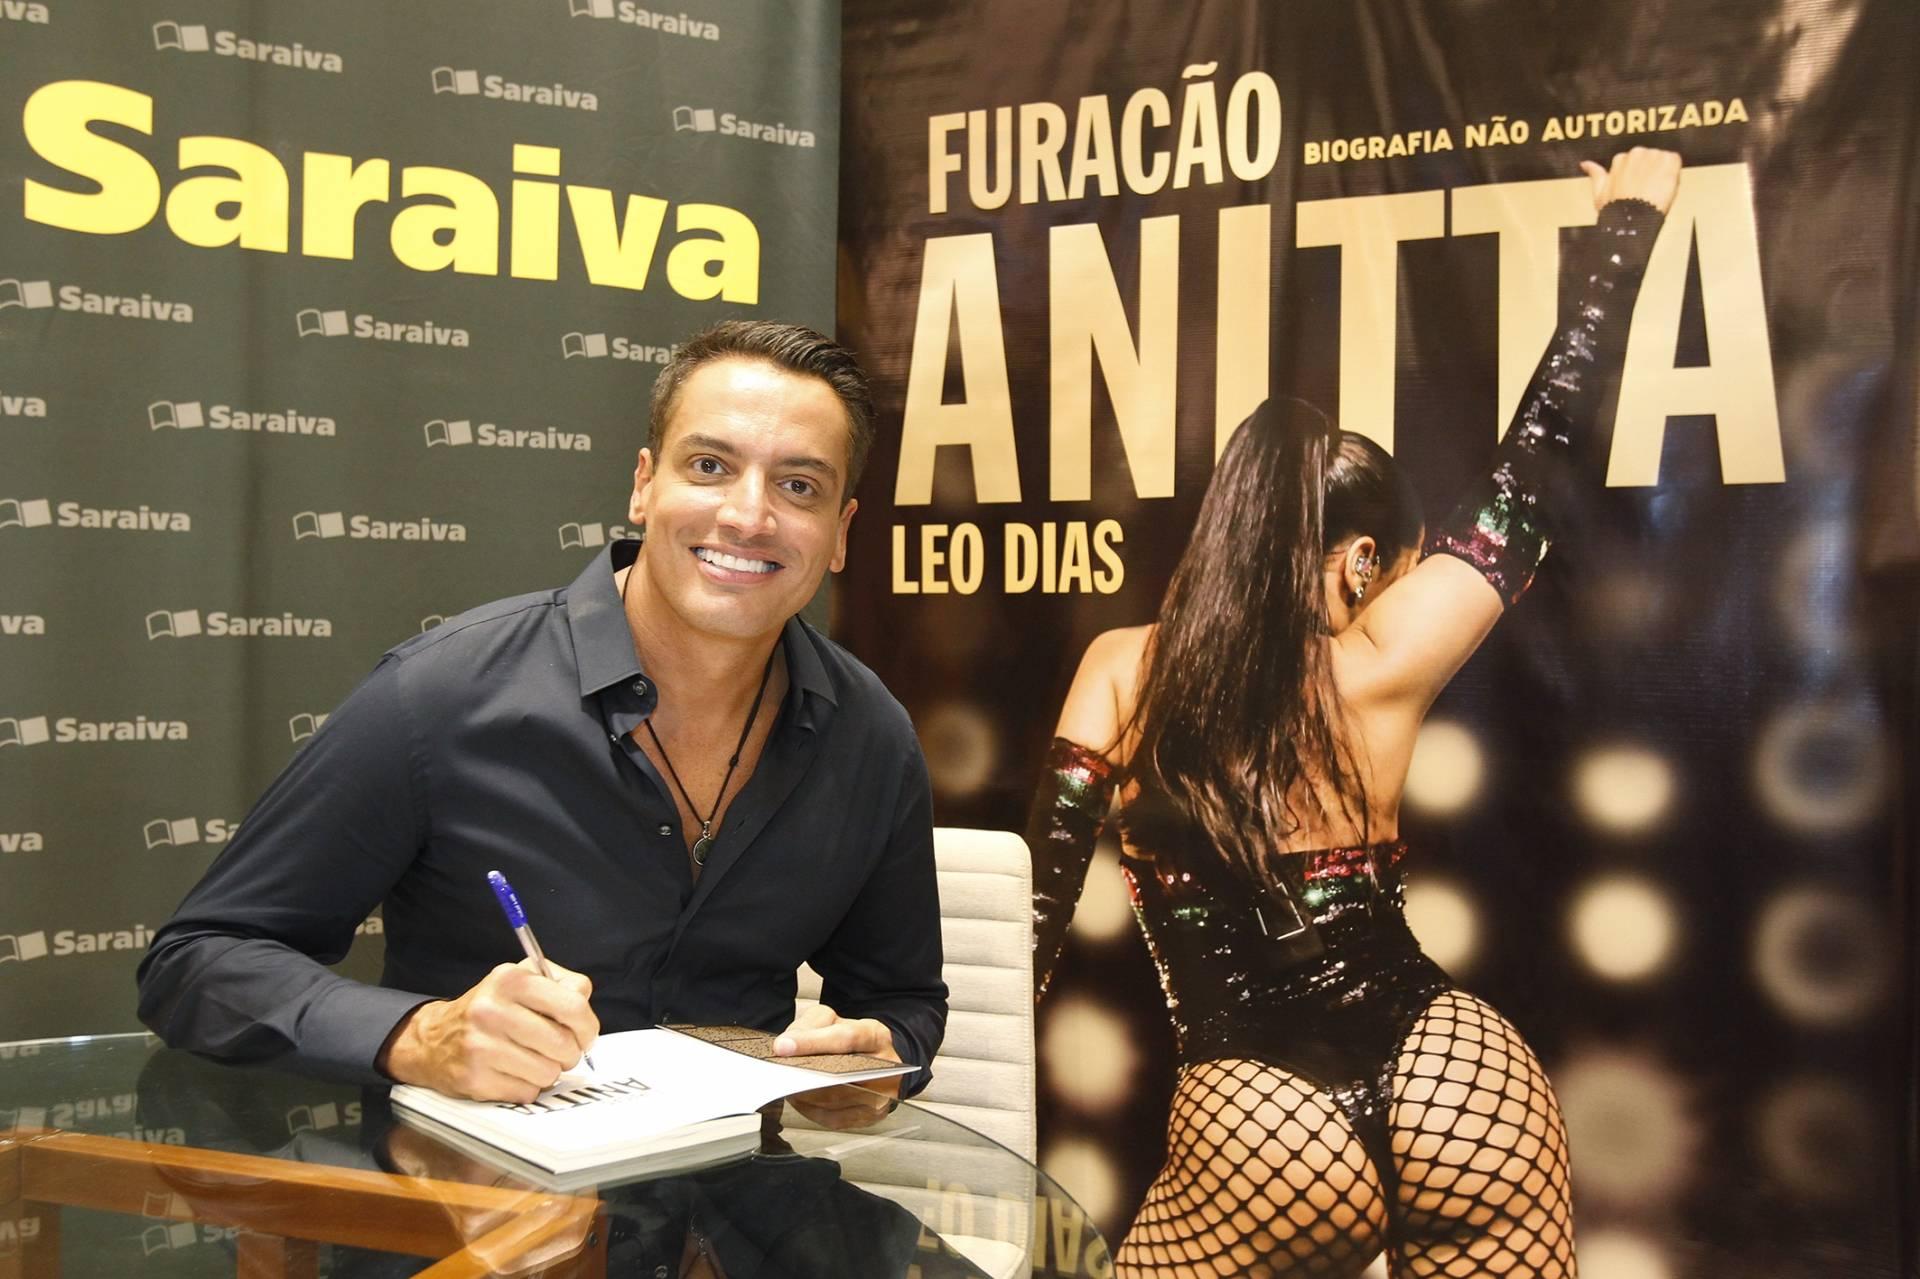 CLIPE DA MC ANITTA SHOW DAS PODEROSAS BAIXAR - …